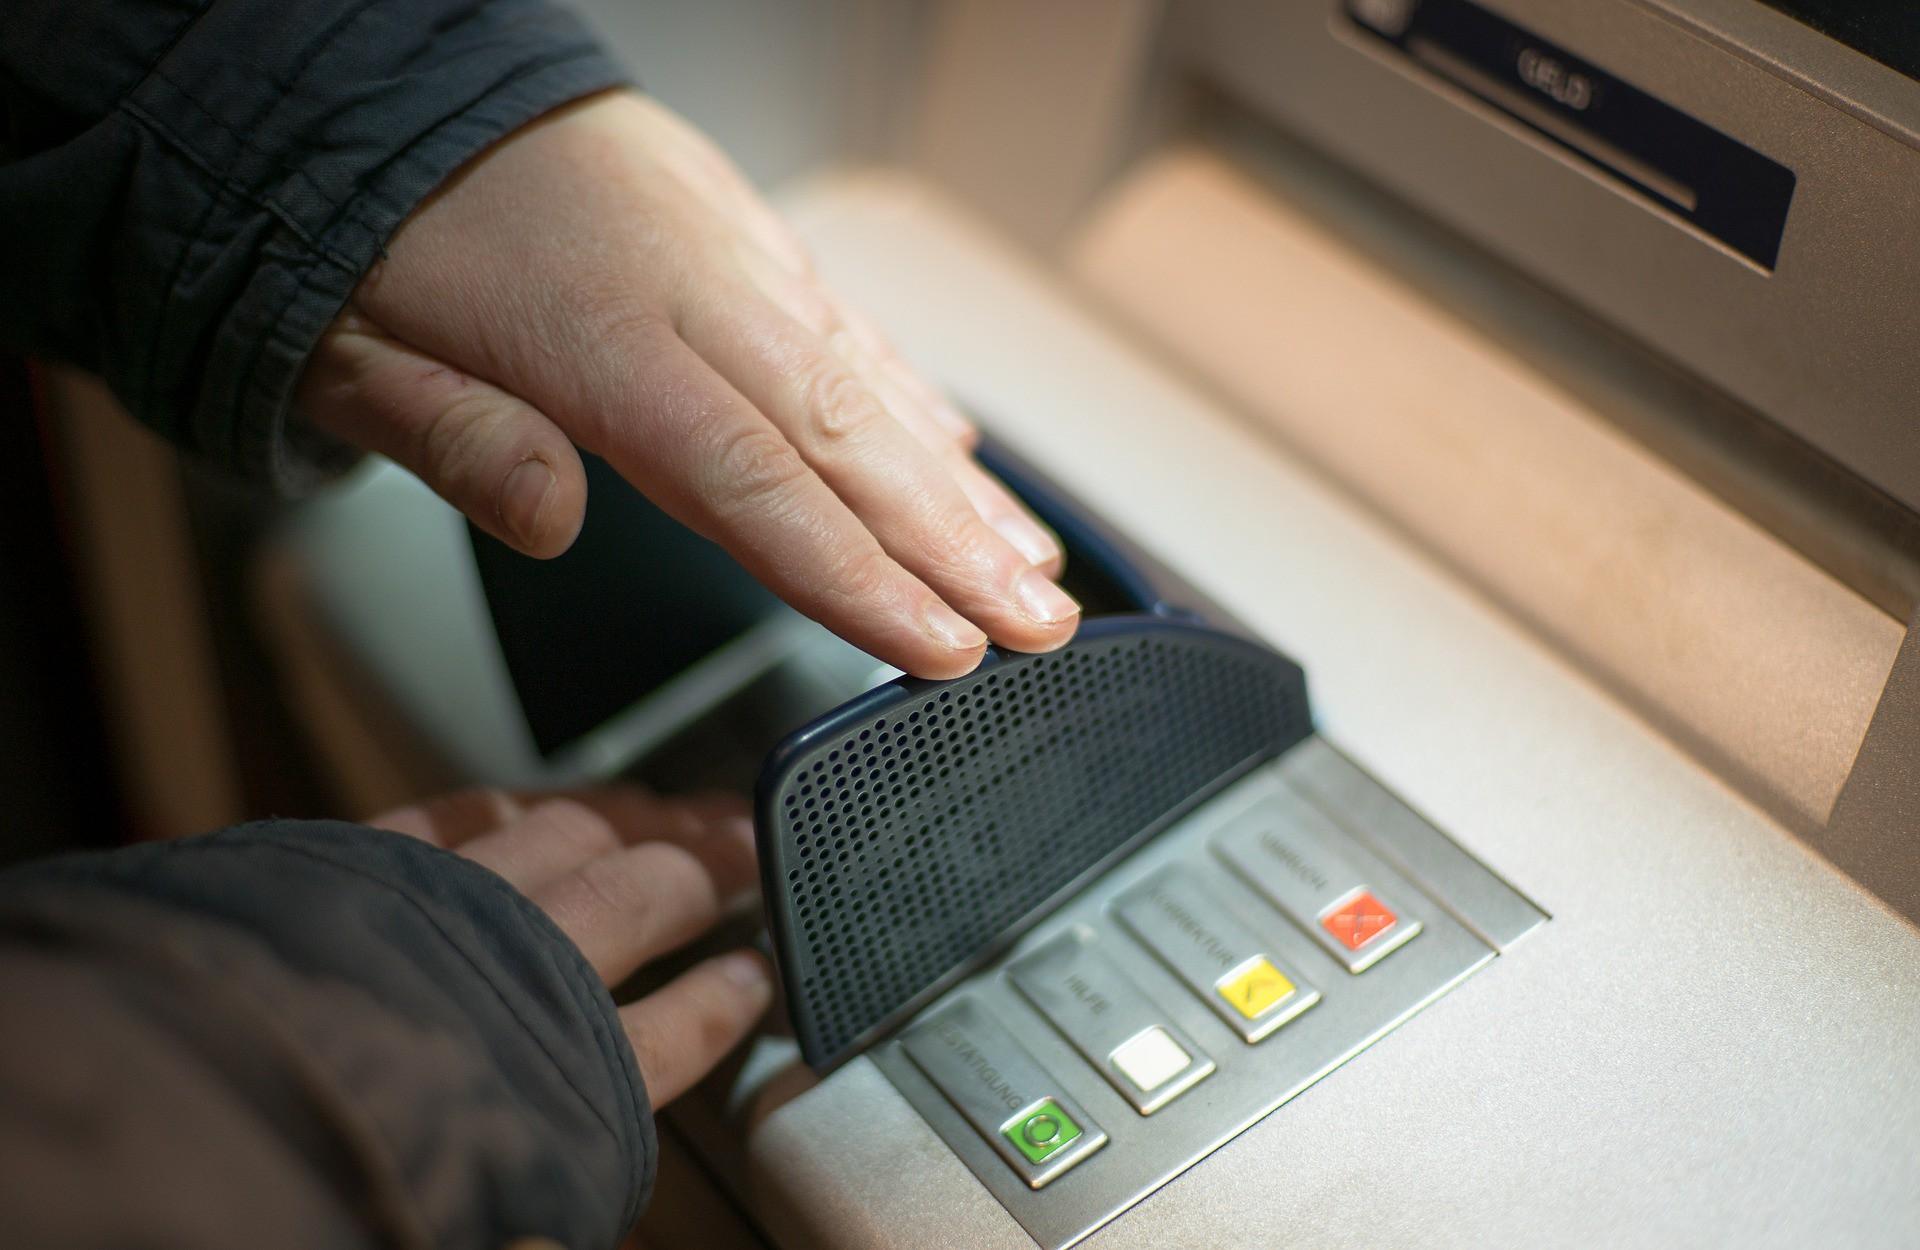 3 nguy cơ luôn rình rập khi để tiền trong thẻ ATM, không to tát khiến ai cũng bất cẩn - Ảnh 3.